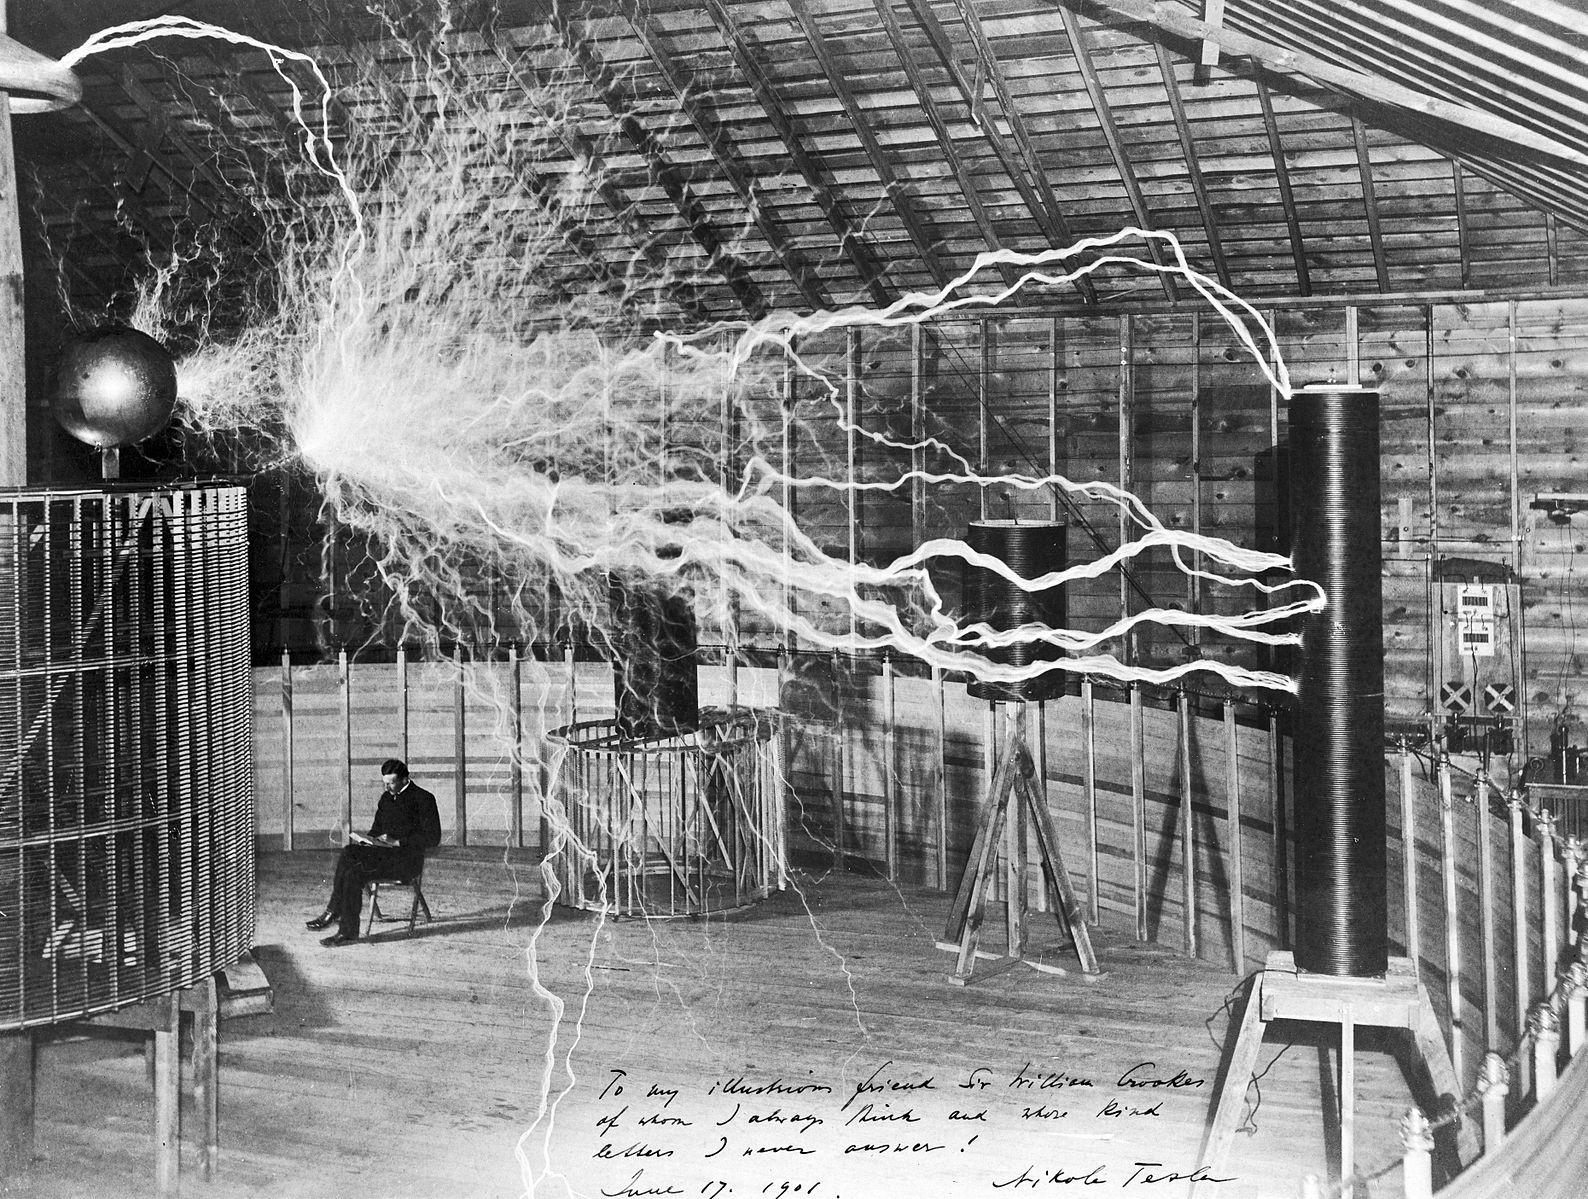 Nikola Tesla Memilik Lebih dari 300 Hak Paten